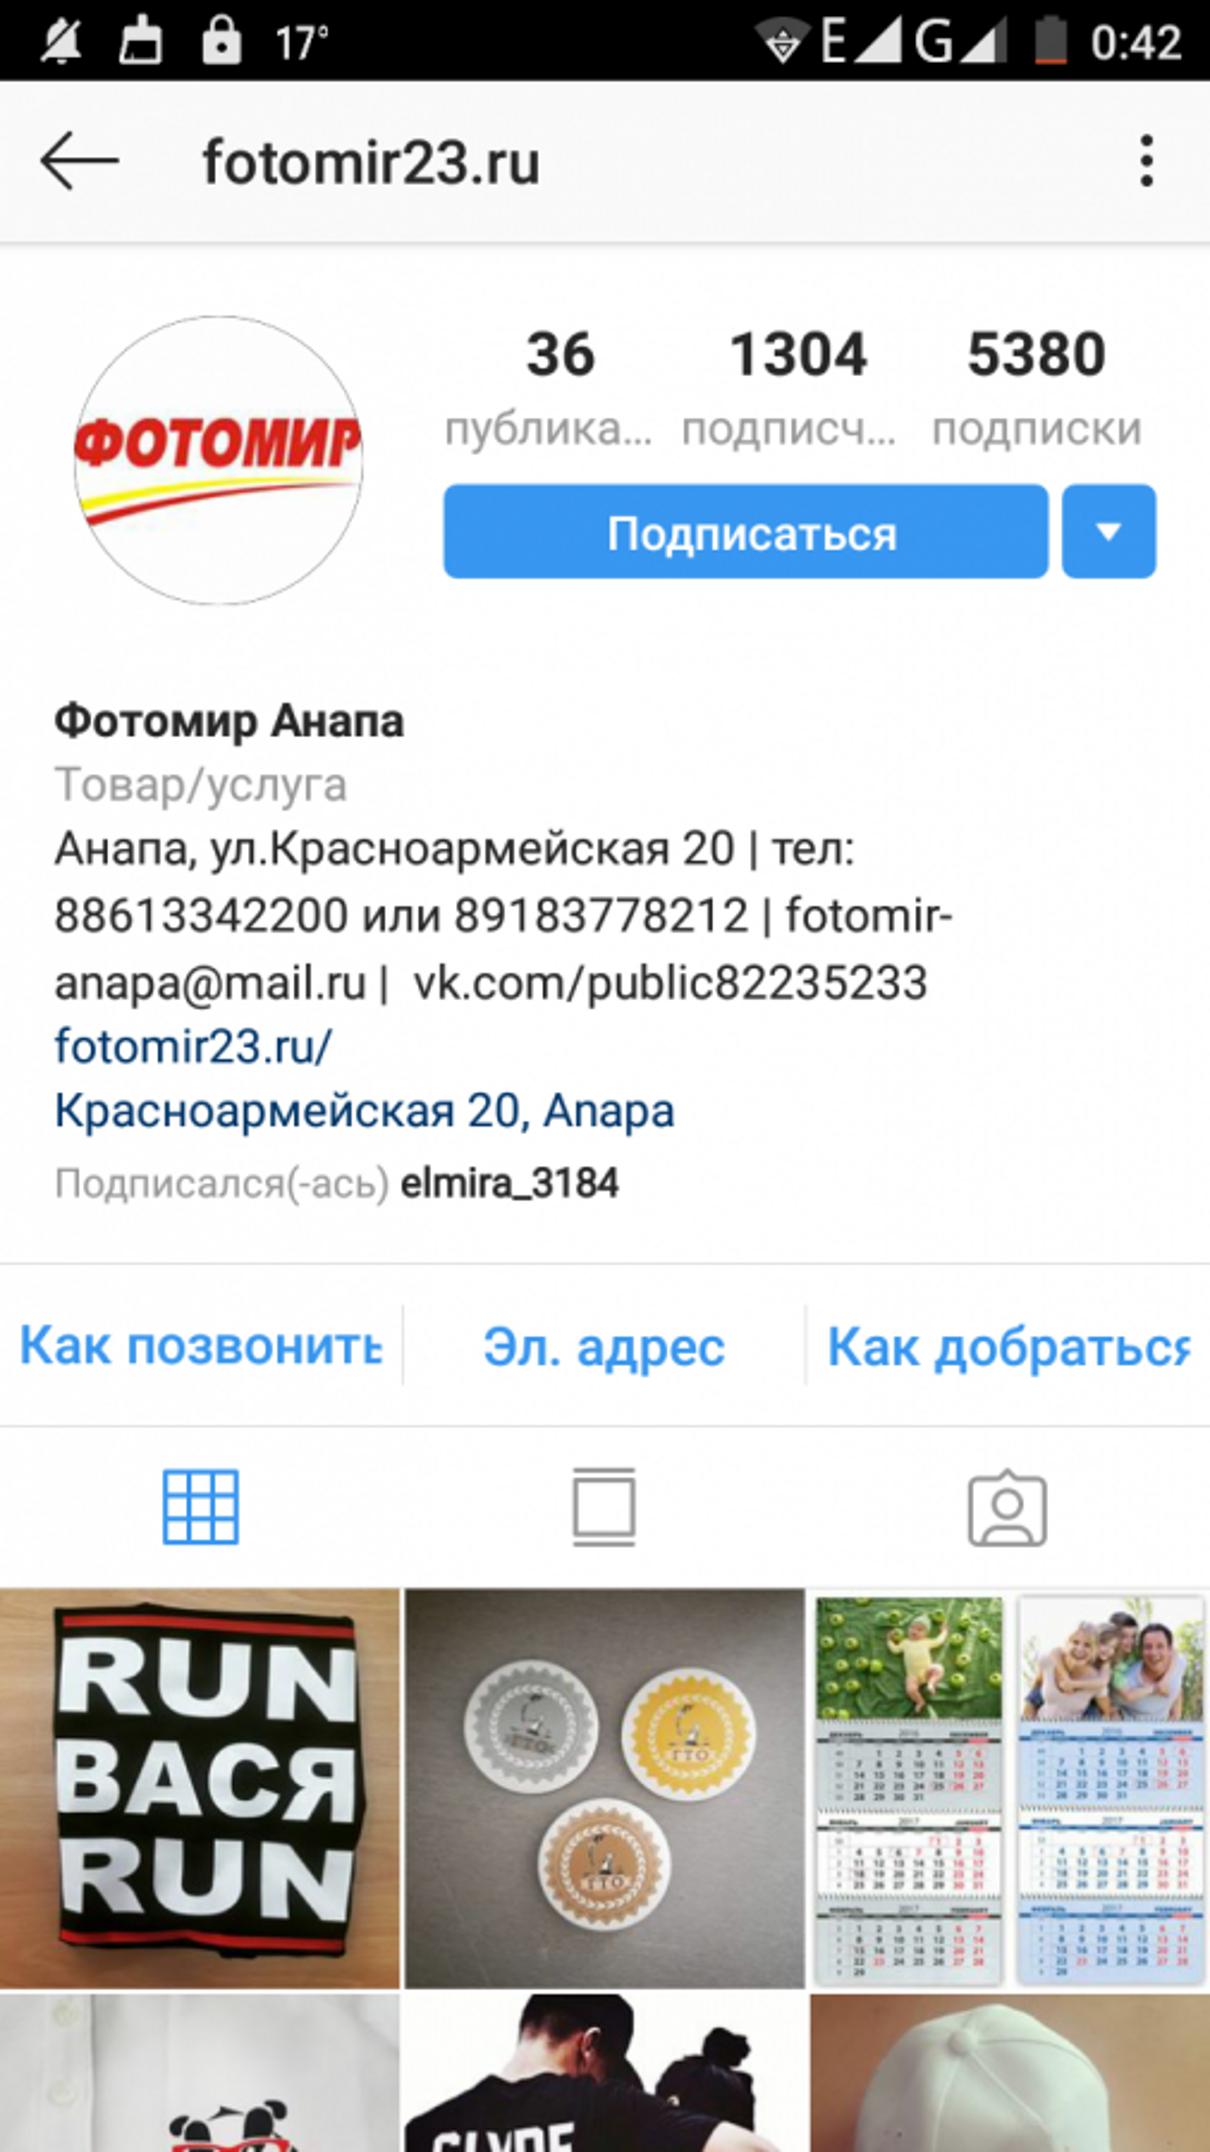 Жалоба-отзыв: ООО Фотомир - Недобросовестный работадатель